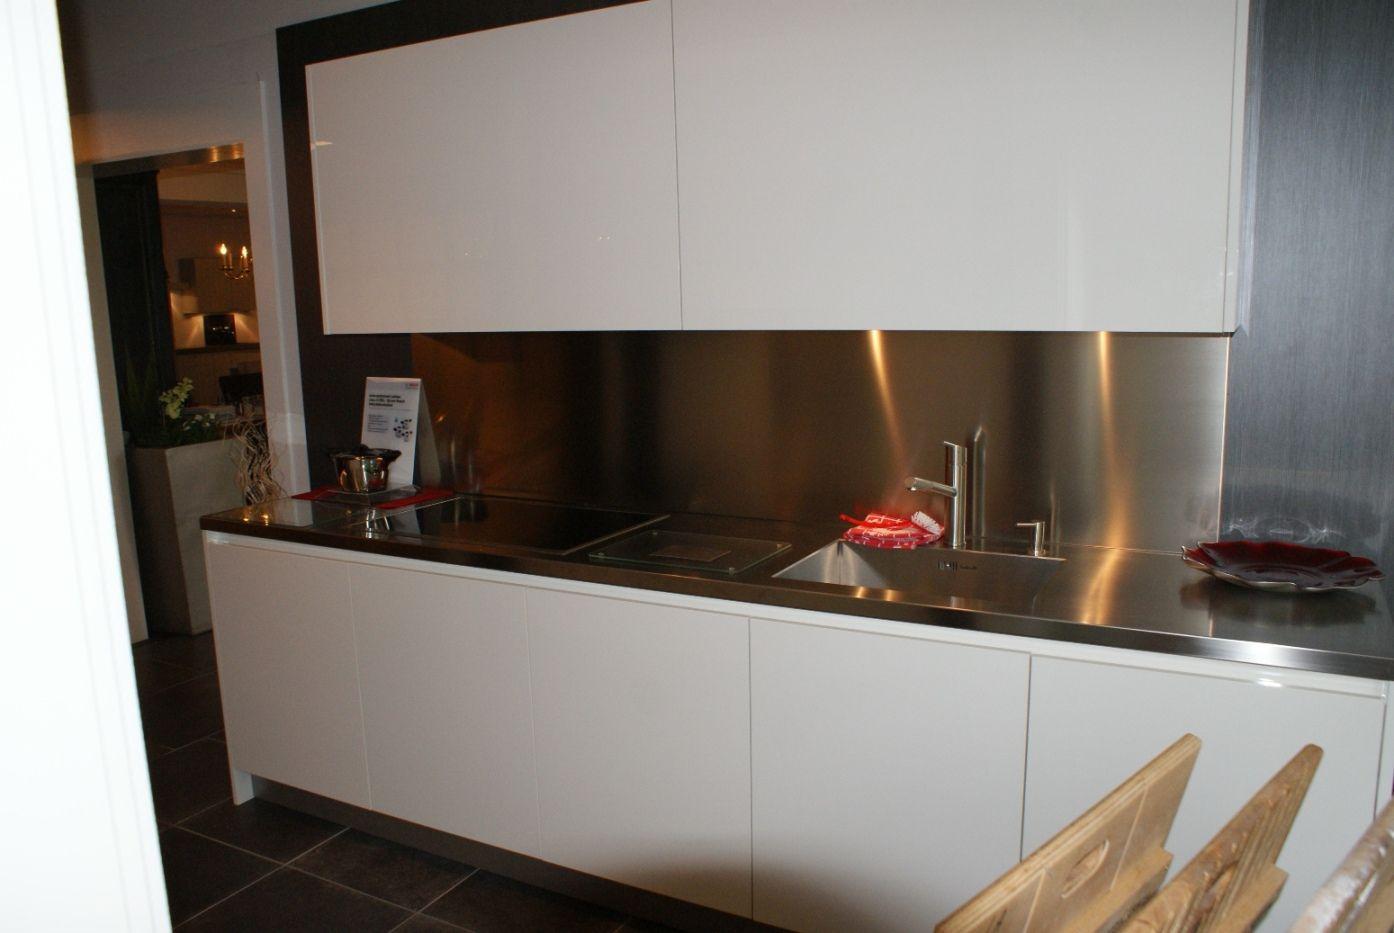 Keuken Greeploos Of Niet : Keuken Greeploos Of Niet : keukensite van Nederland Luxe hoogglans